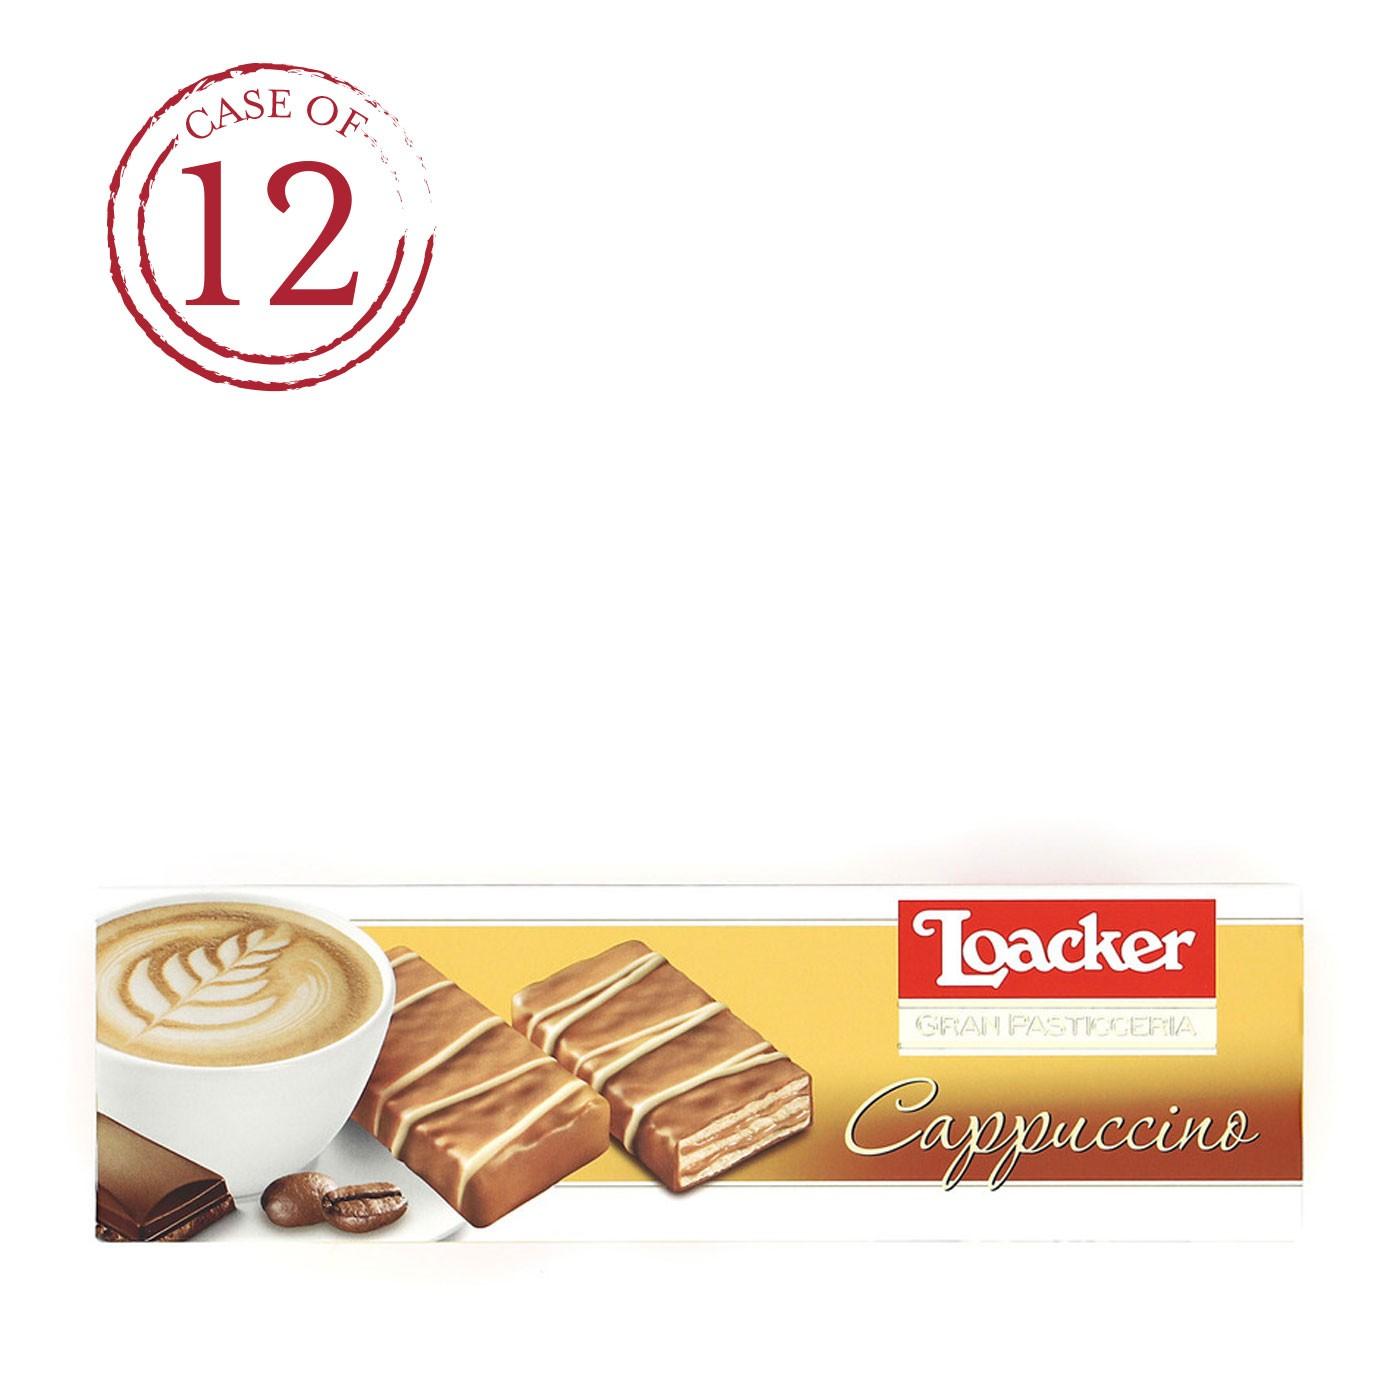 Gran Pasticceria: Cappuccino 3.5 oz - Case of 12